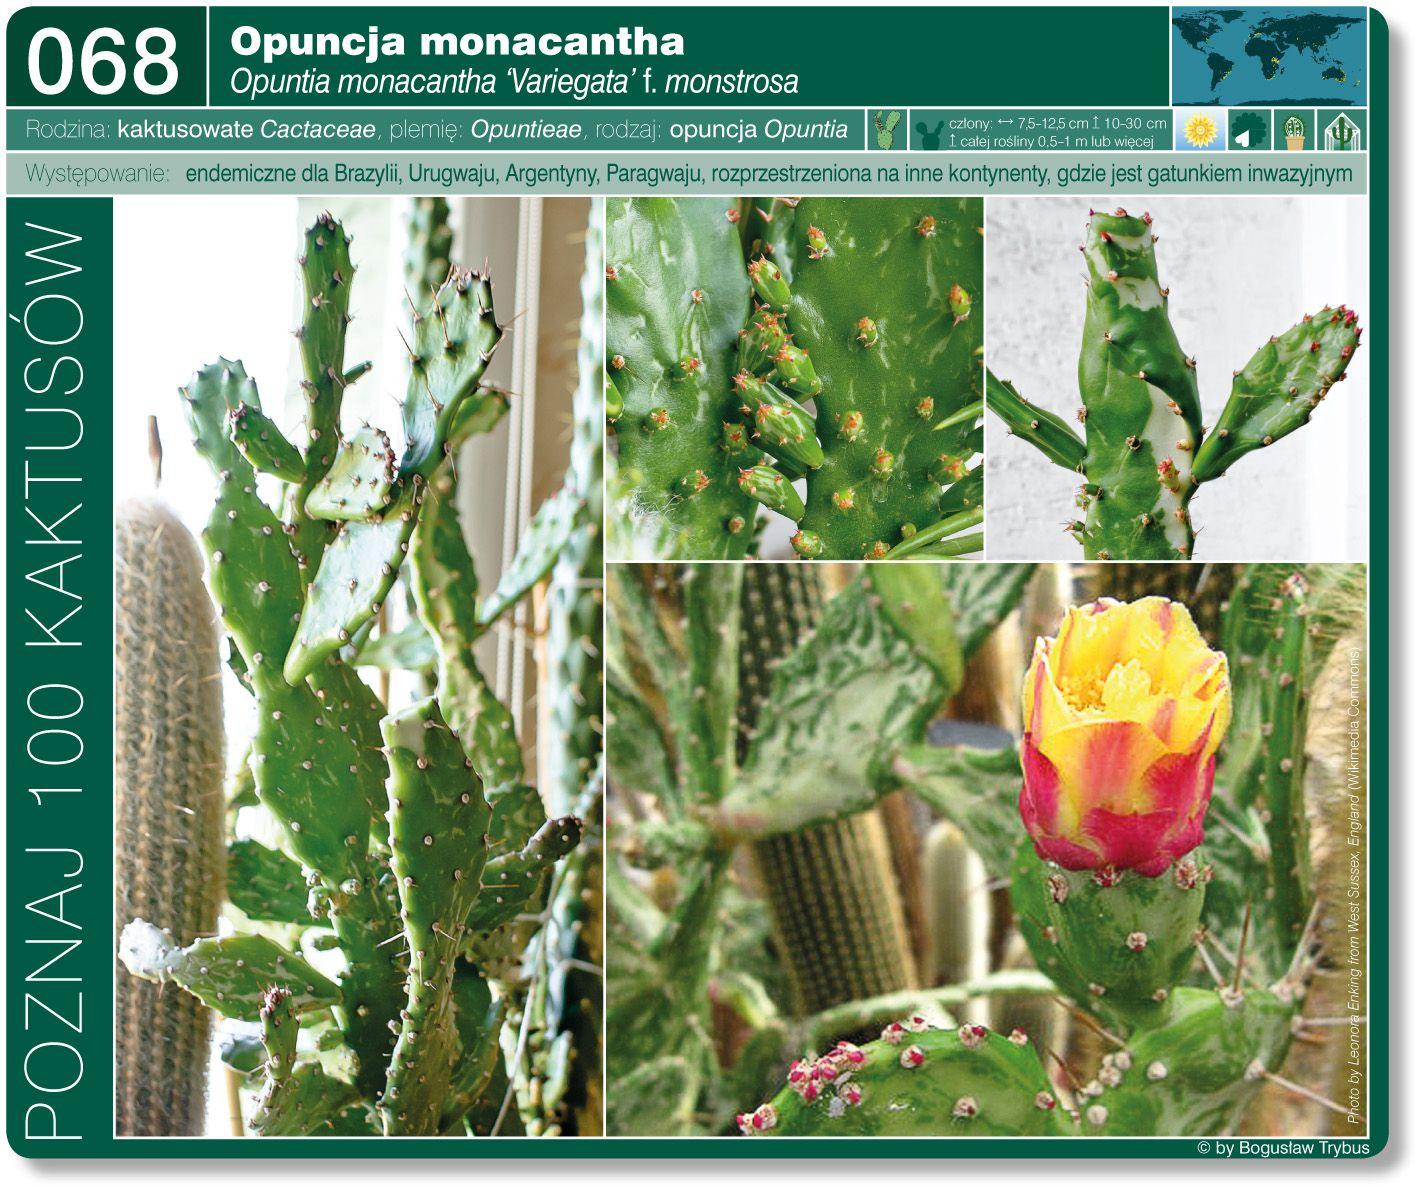 Opuntia Monacantha Variegata F Monstrosa Plantas Suculentas Plantas Suculentas